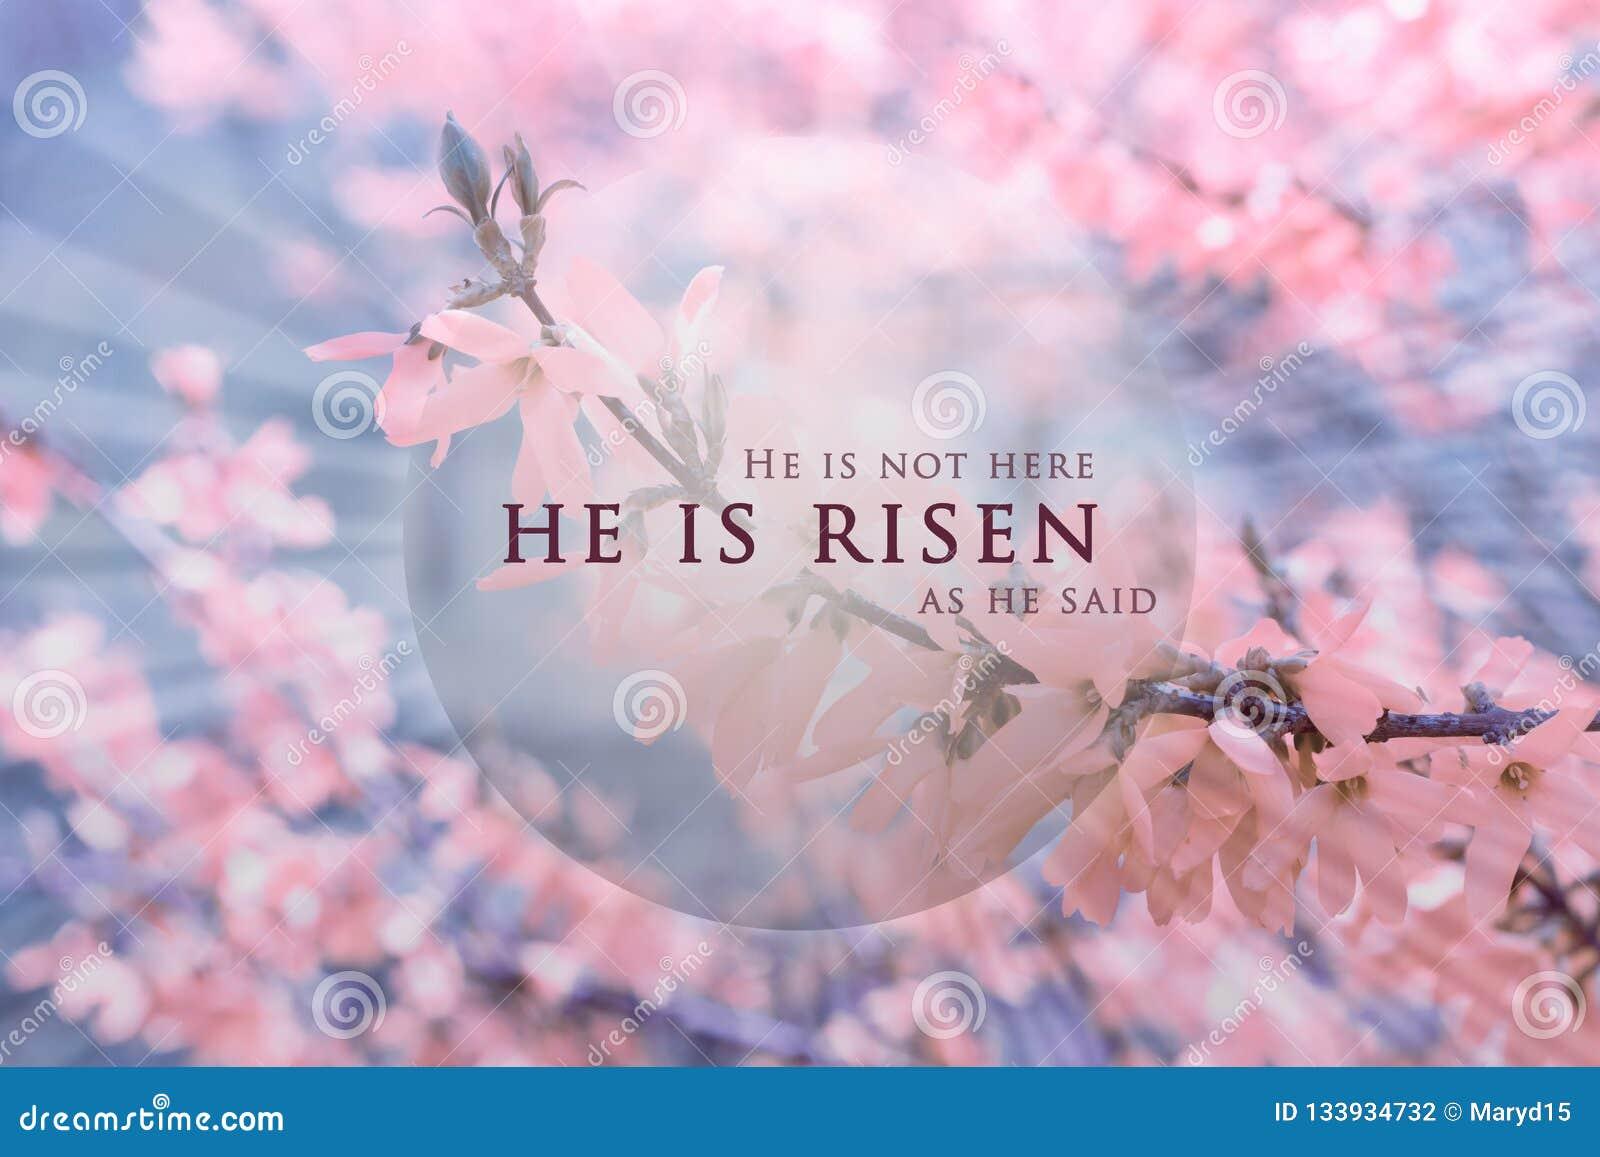 Christian Easter bakgrund, religiöst kort Jesus Christ uppståndelsebegrepp